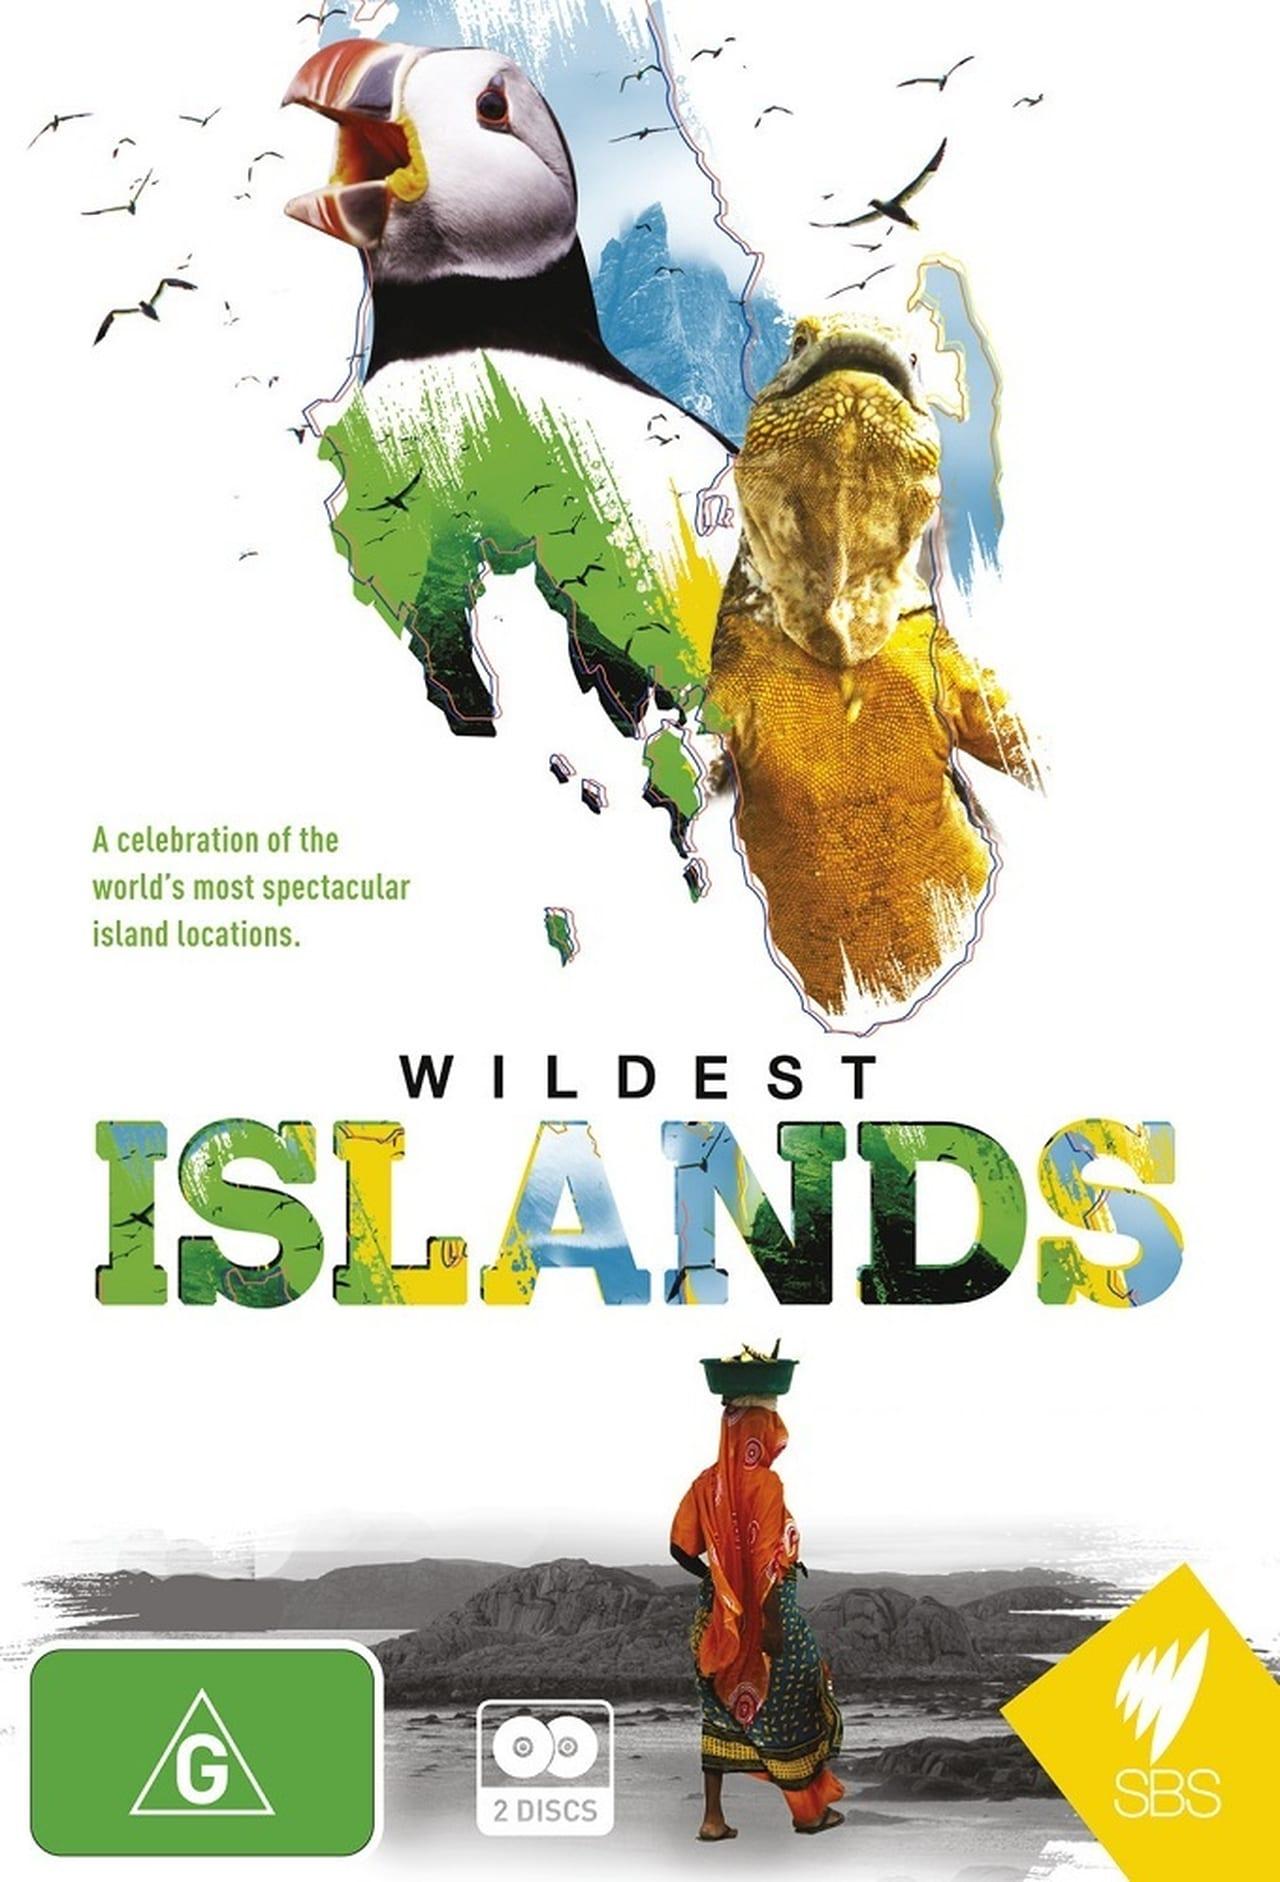 Wildest Islands